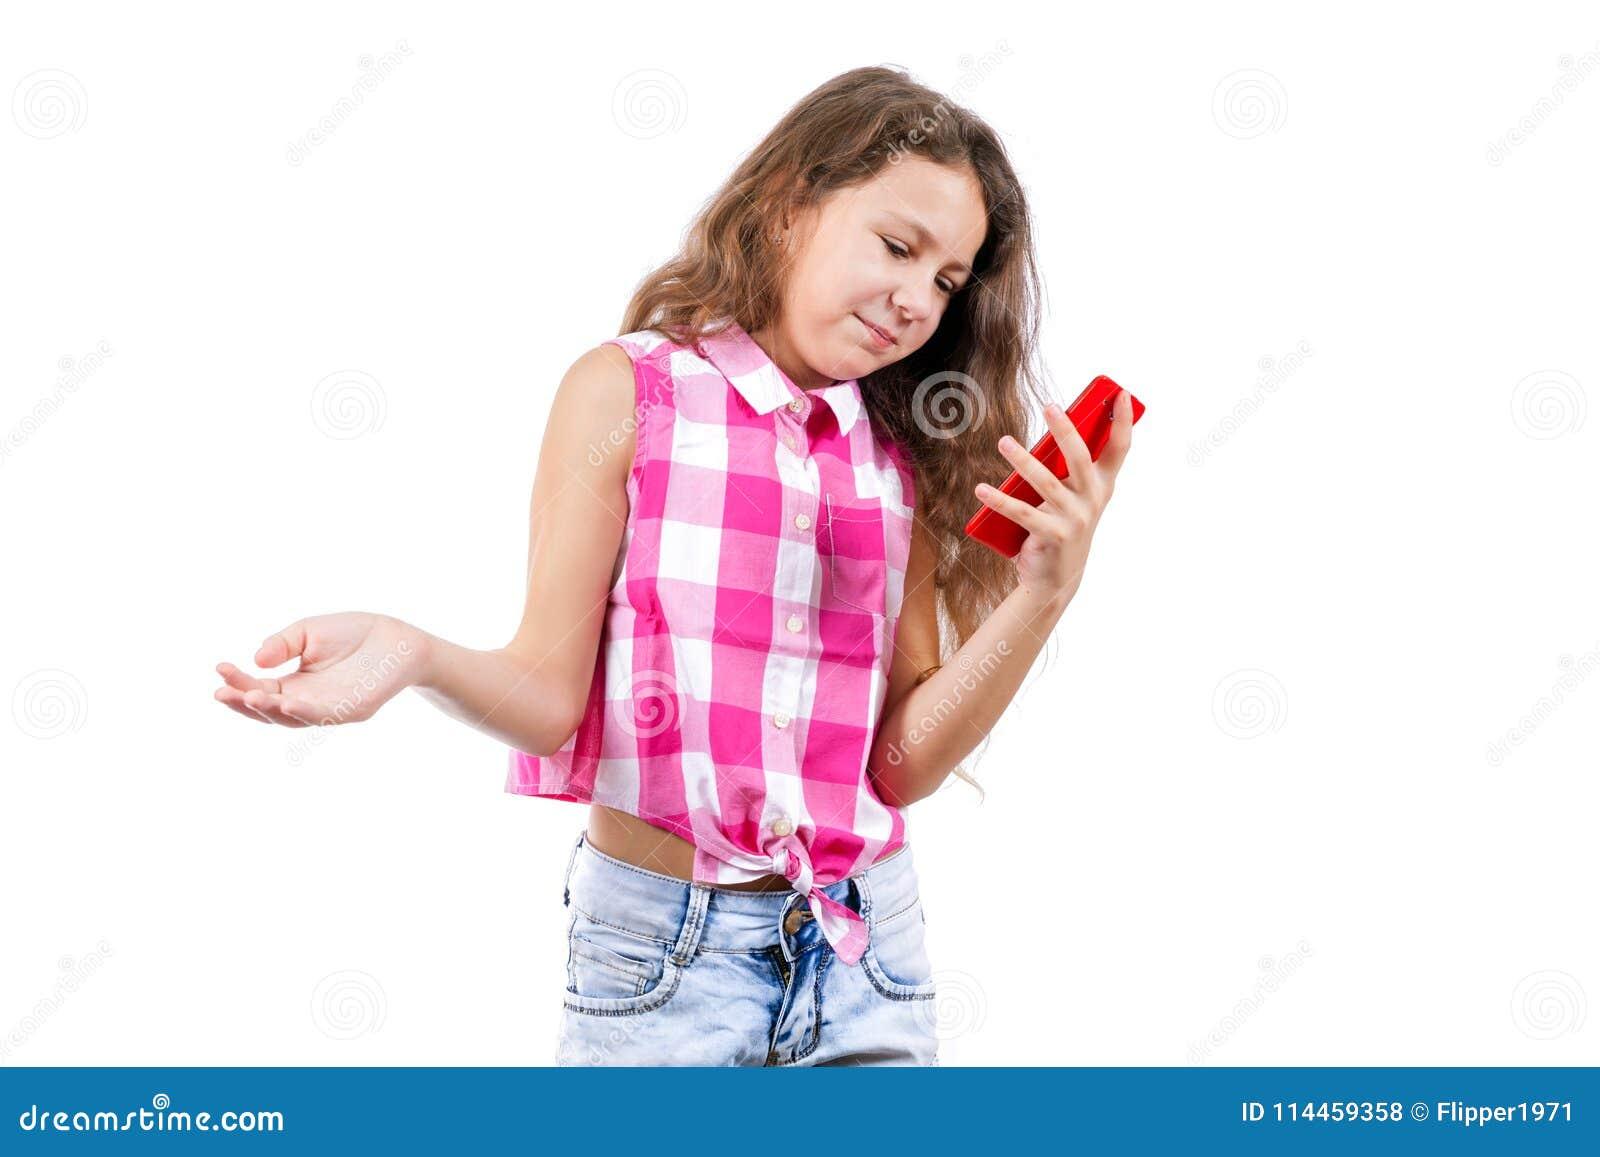 Lilla flickan läser sms i telefonen och ler